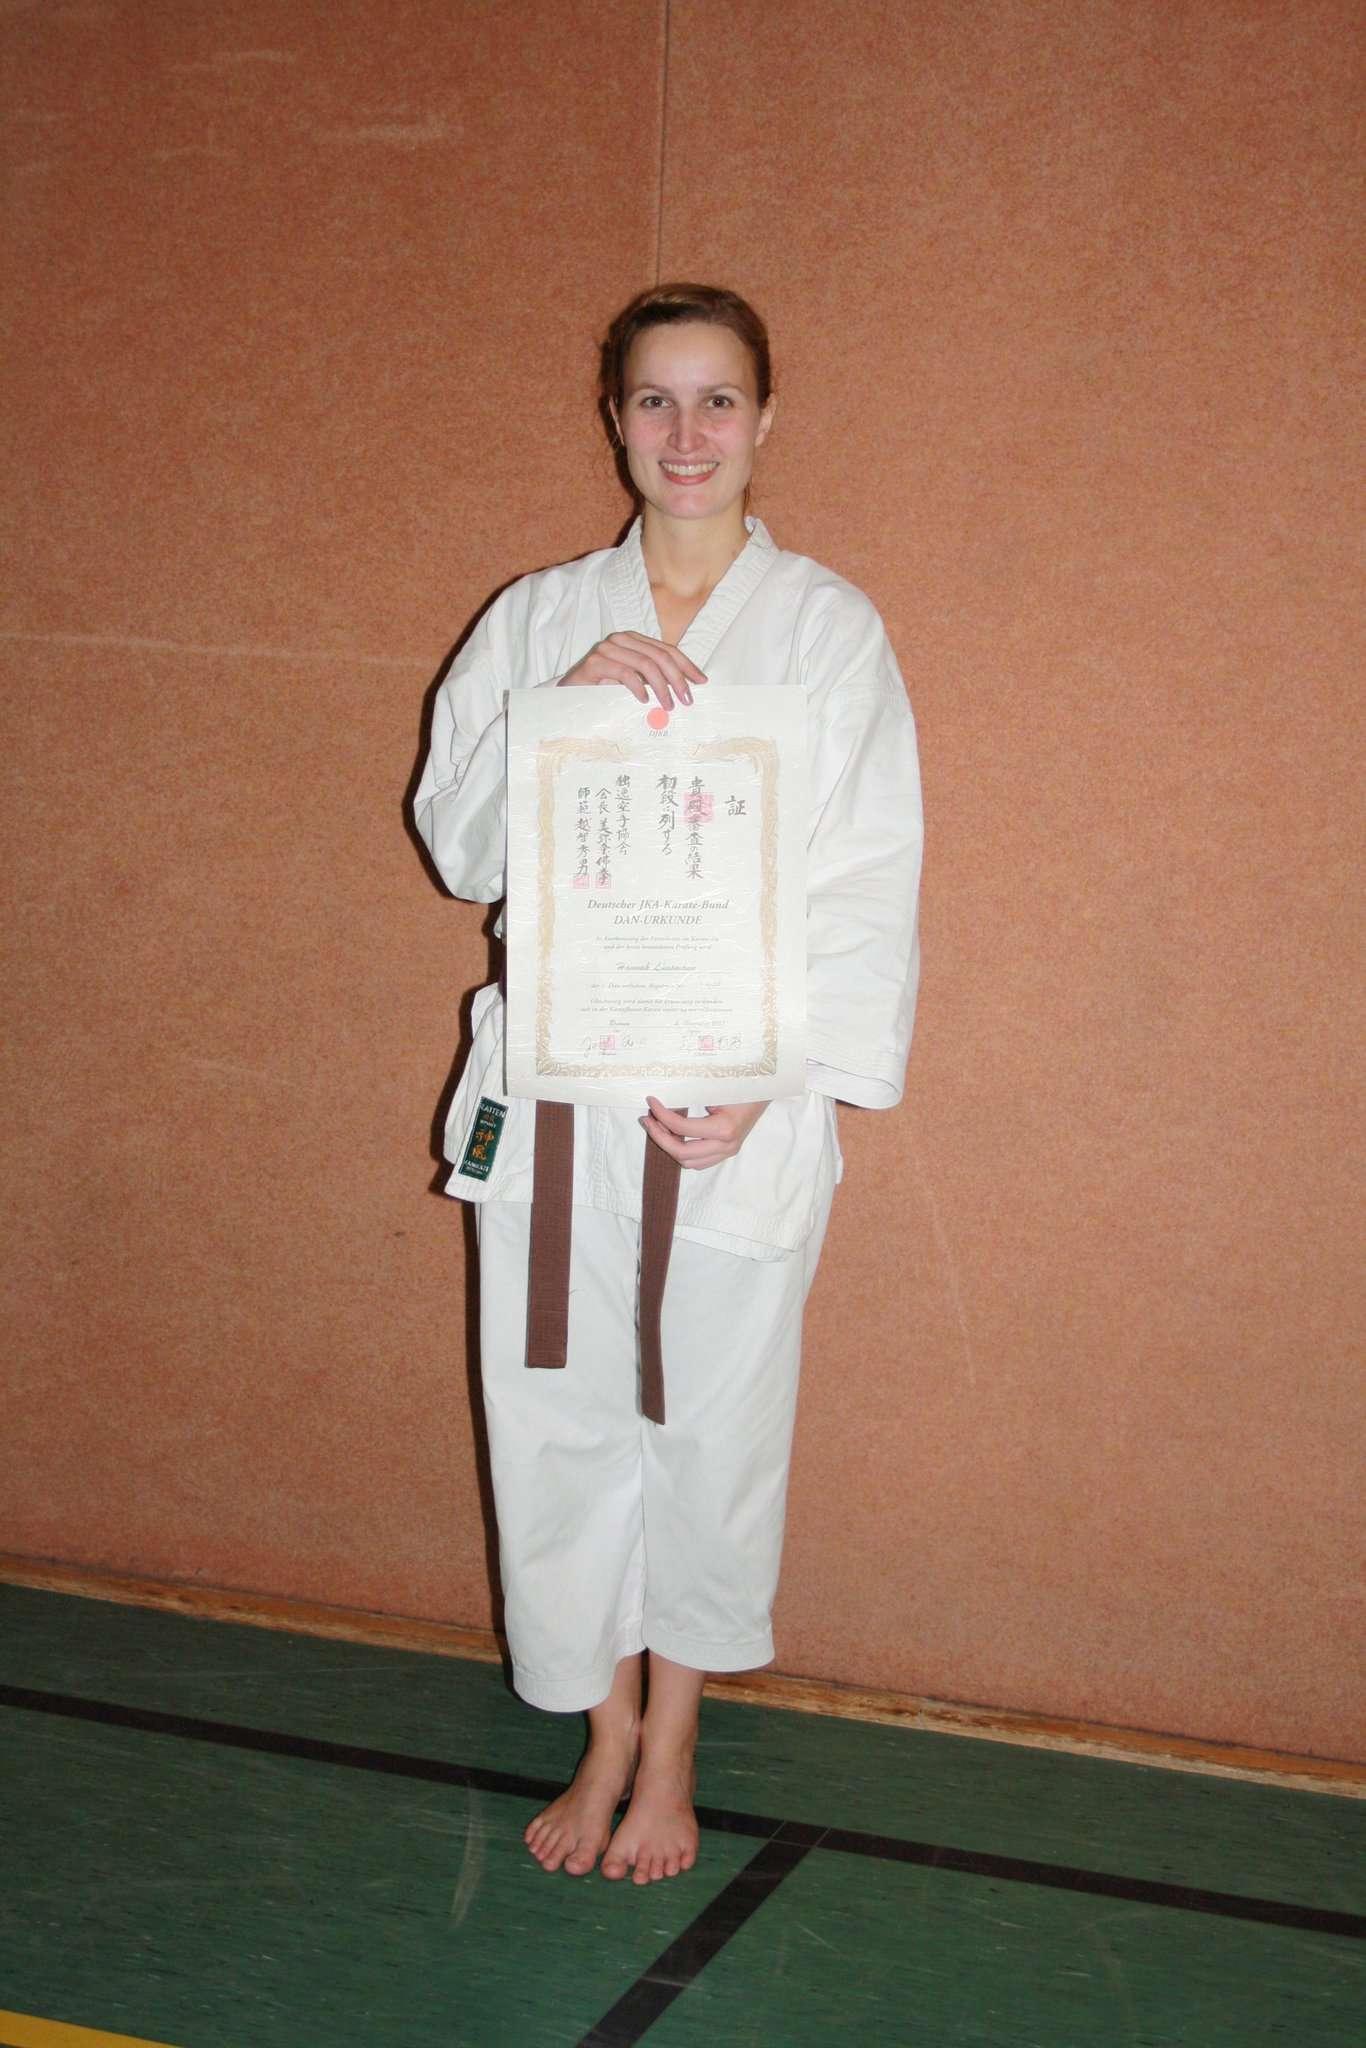 Hannah Lünsmann mit ihrer Prüfungsurkunde